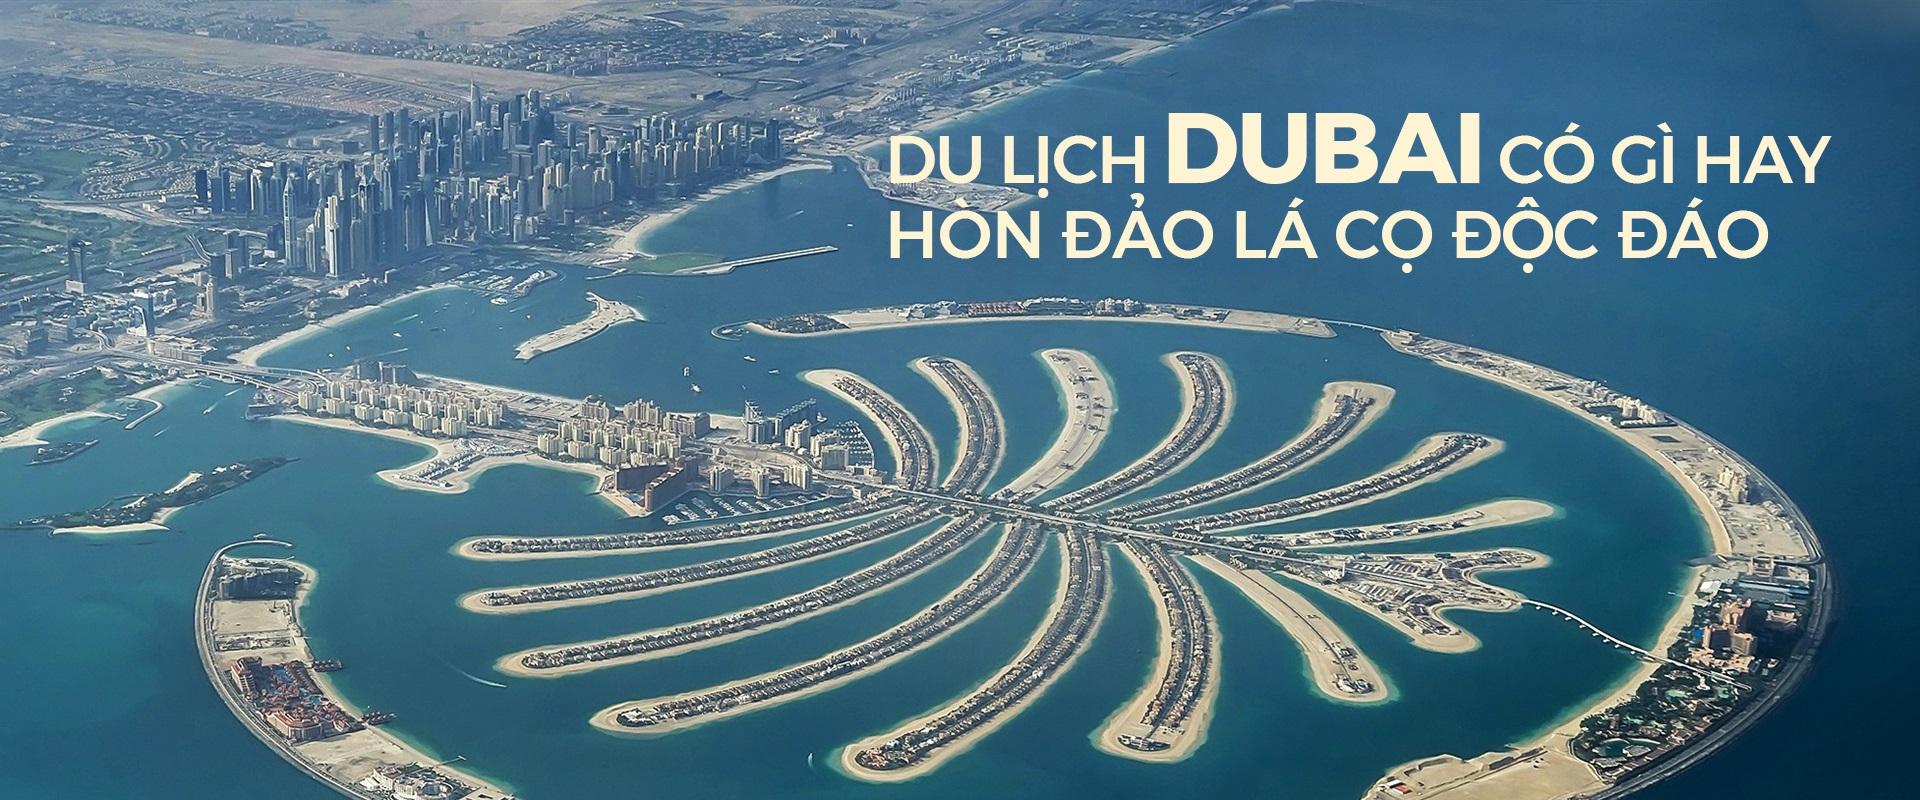 Du lịch Dubai:  hòn đảo lá cọ độc đáo